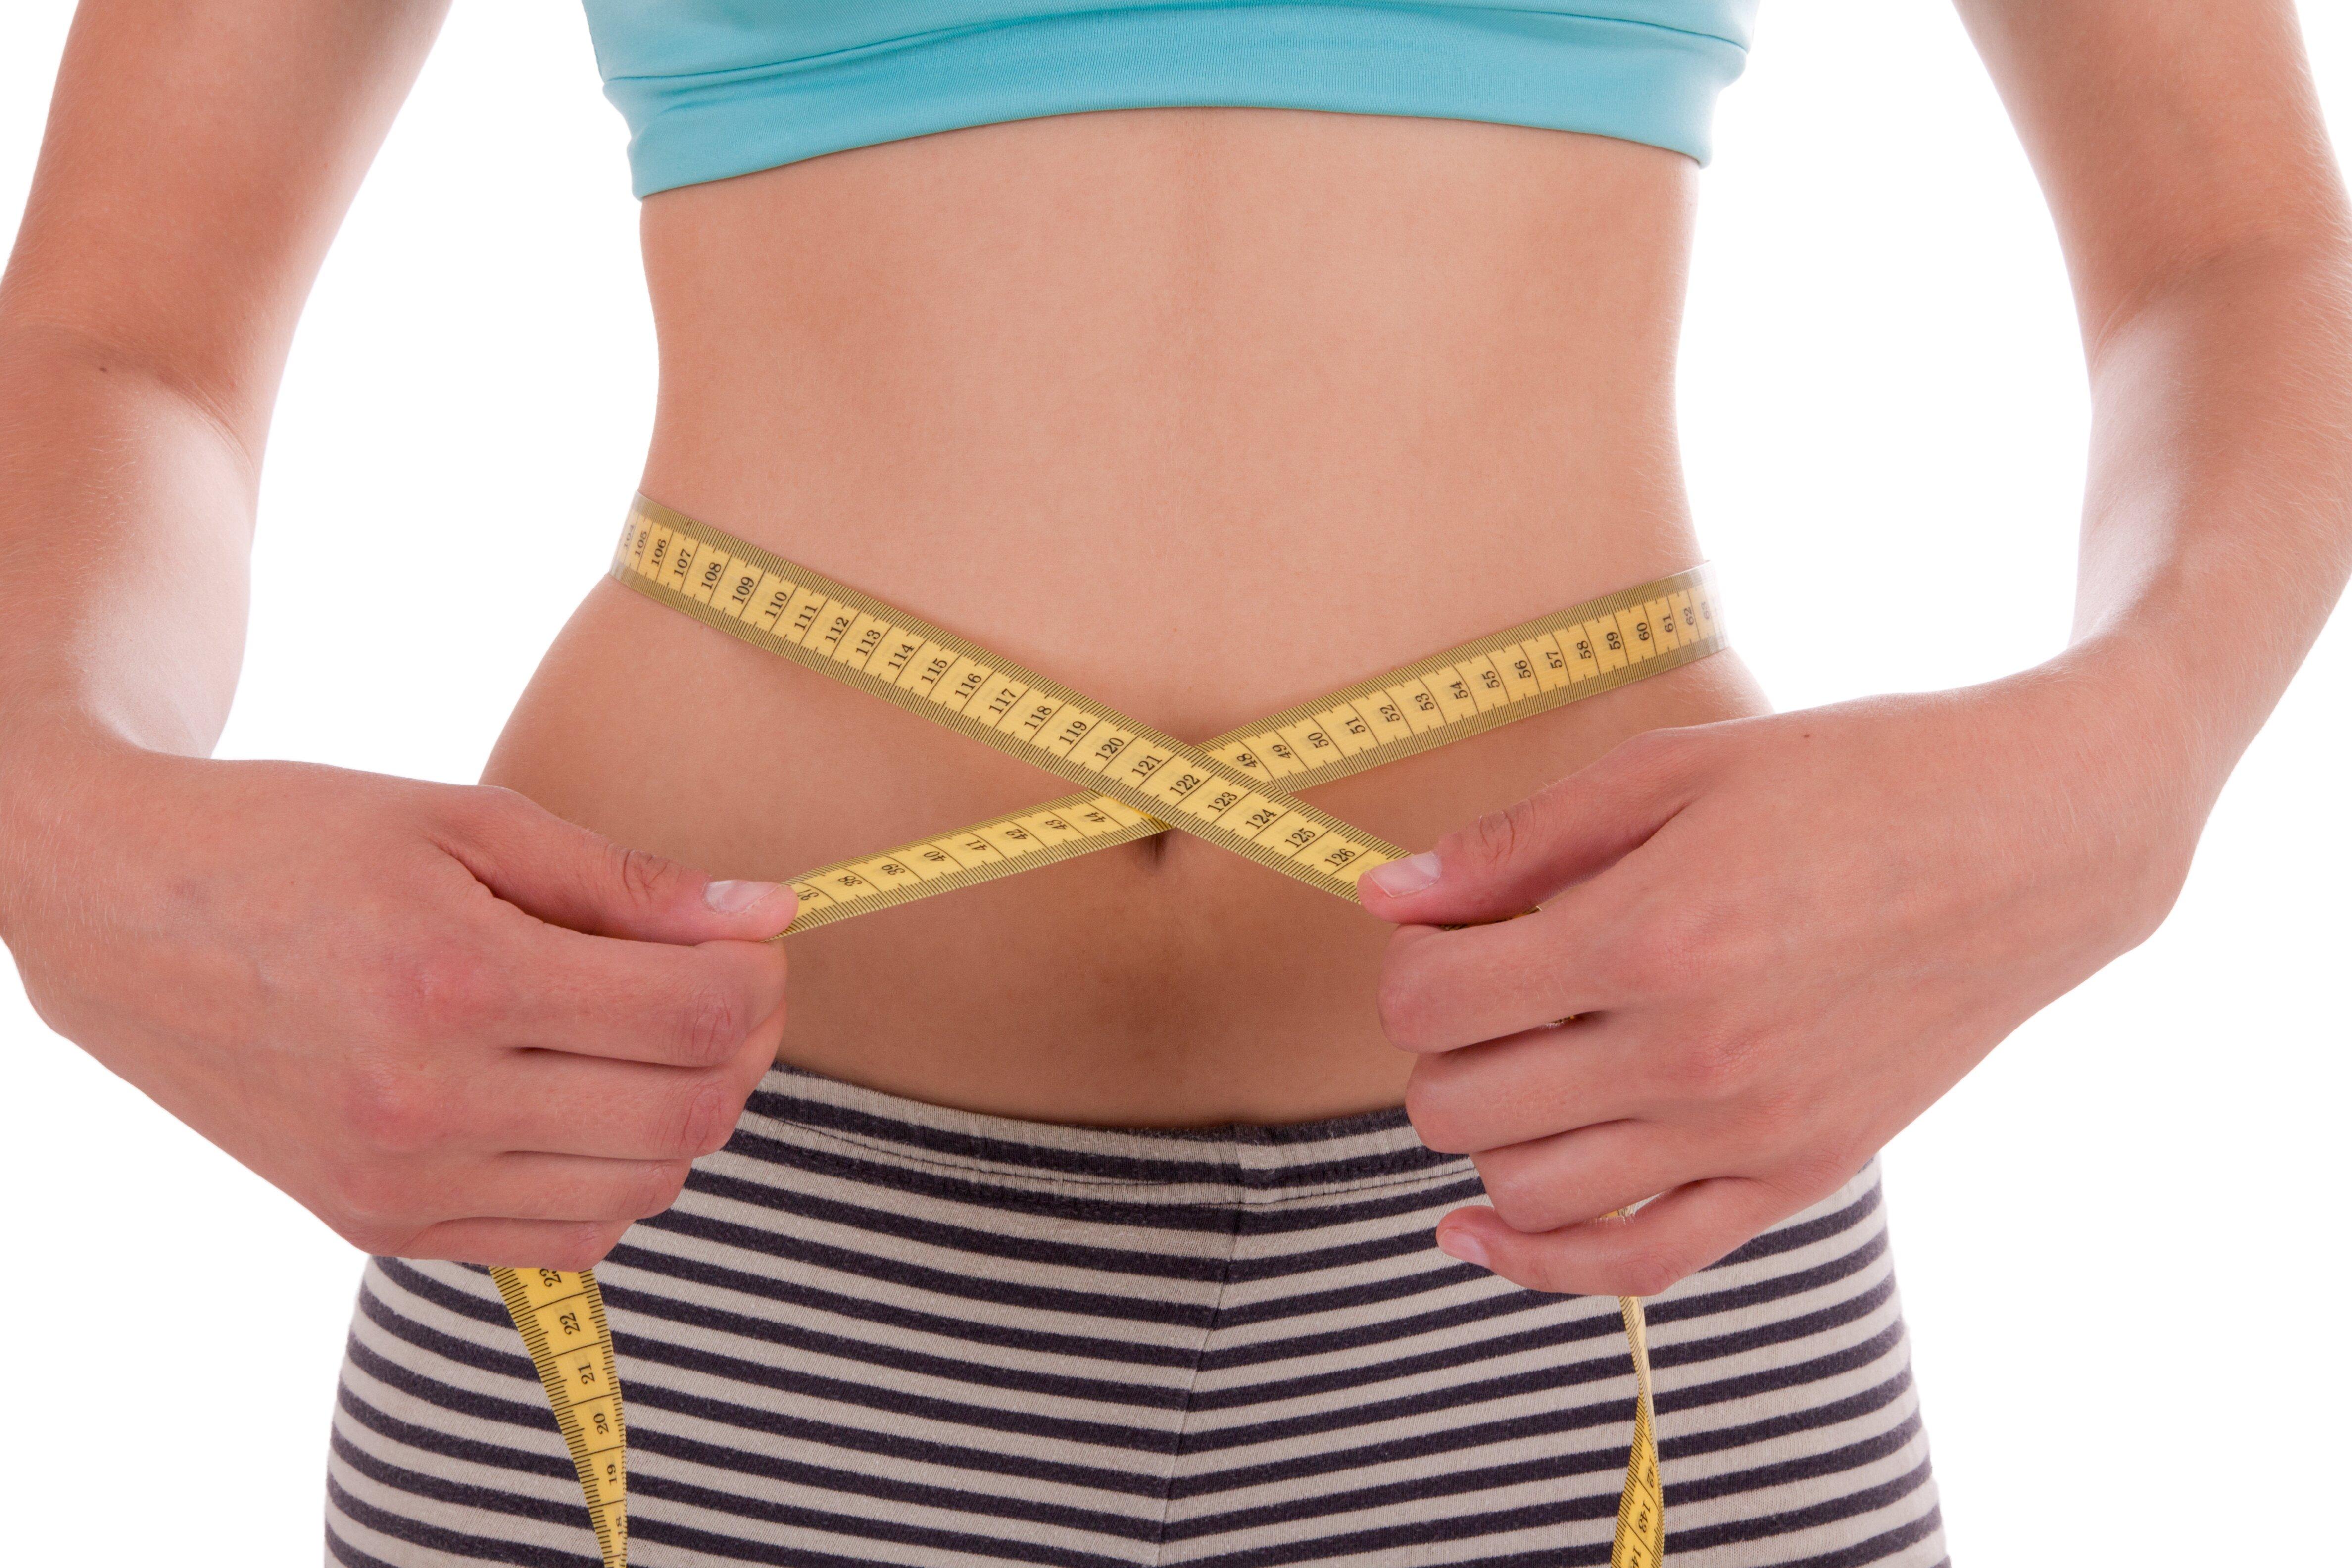 Girl measuring her hips